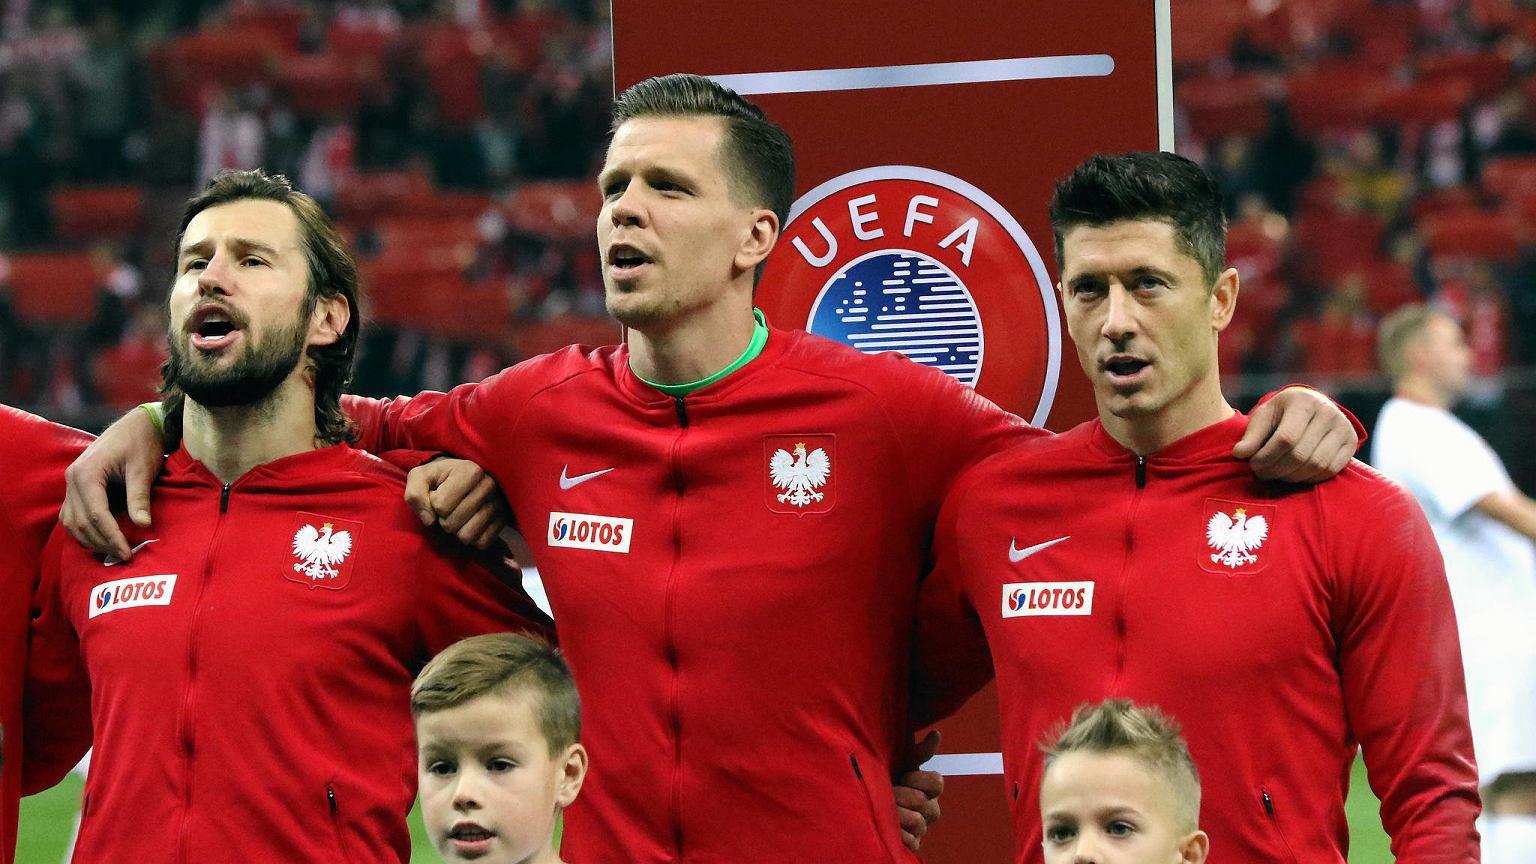 Szef UEFA wytłumaczył, dlaczego EURO 2020 zostało przełożone Piłka nożna - Sport.pl